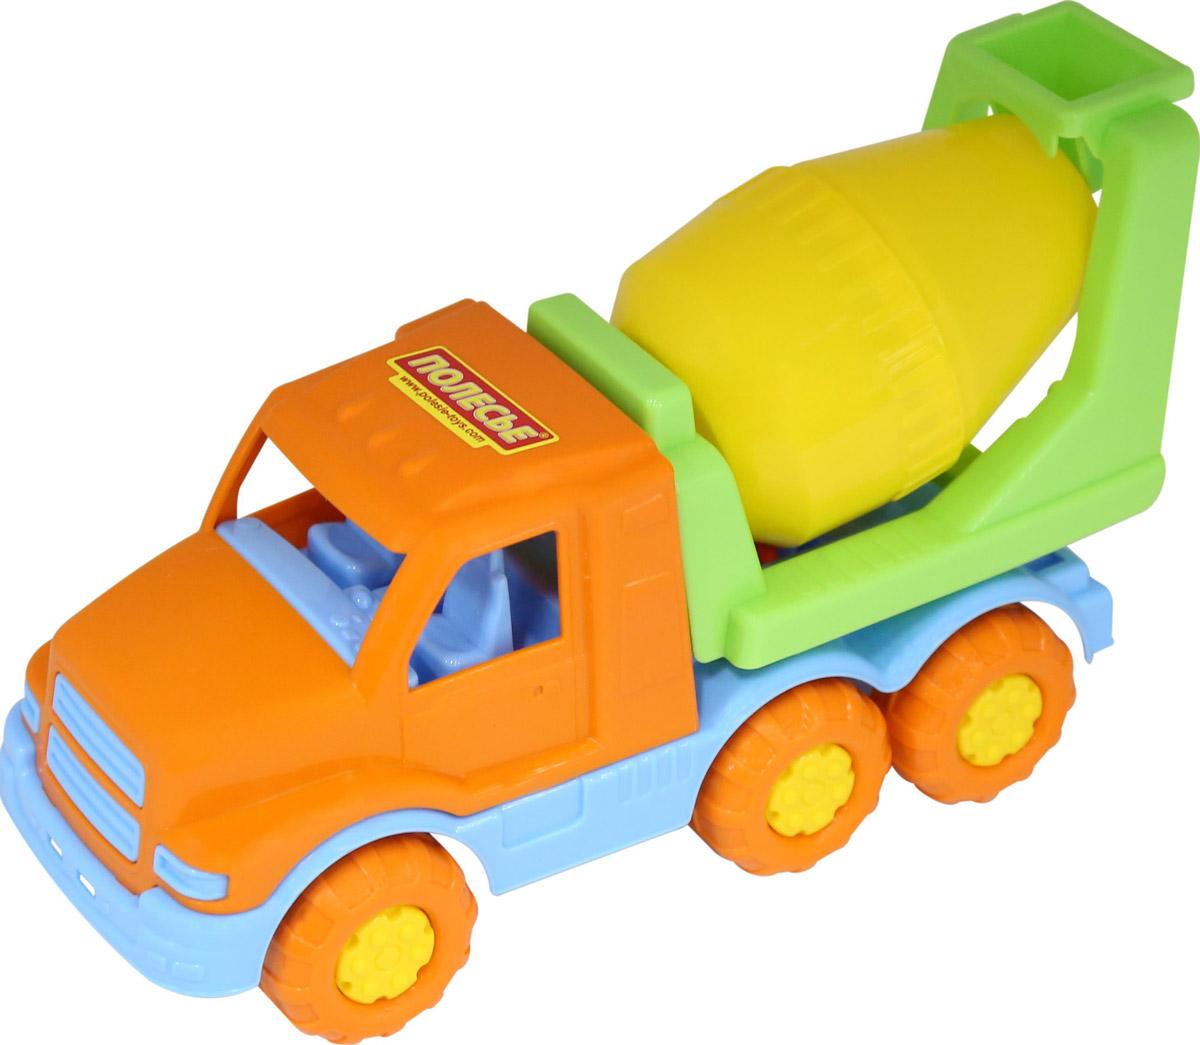 Полесье Бетоновоз Гоша цвет оранжевый желтый голубой полесье гоночный автомобиль торнадо цвет желтый